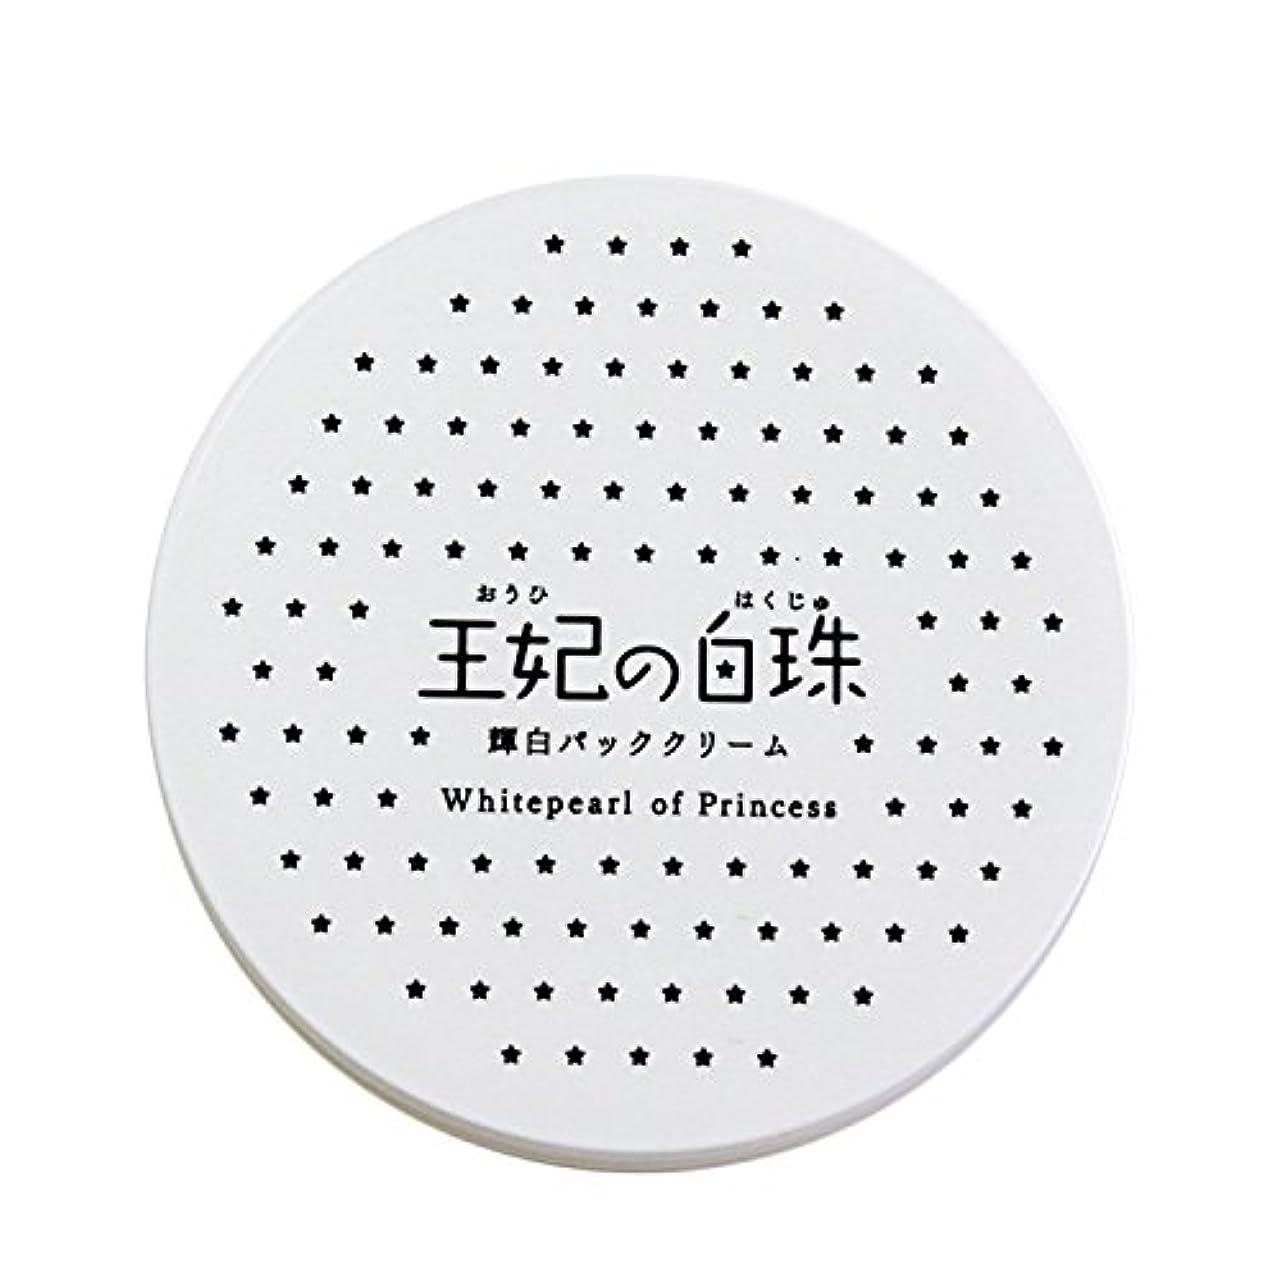 コンパニオンウッズ三角チュラコス 王妃の白珠 SR 25g 輝肌パッククリーム 洗い流すタイプ